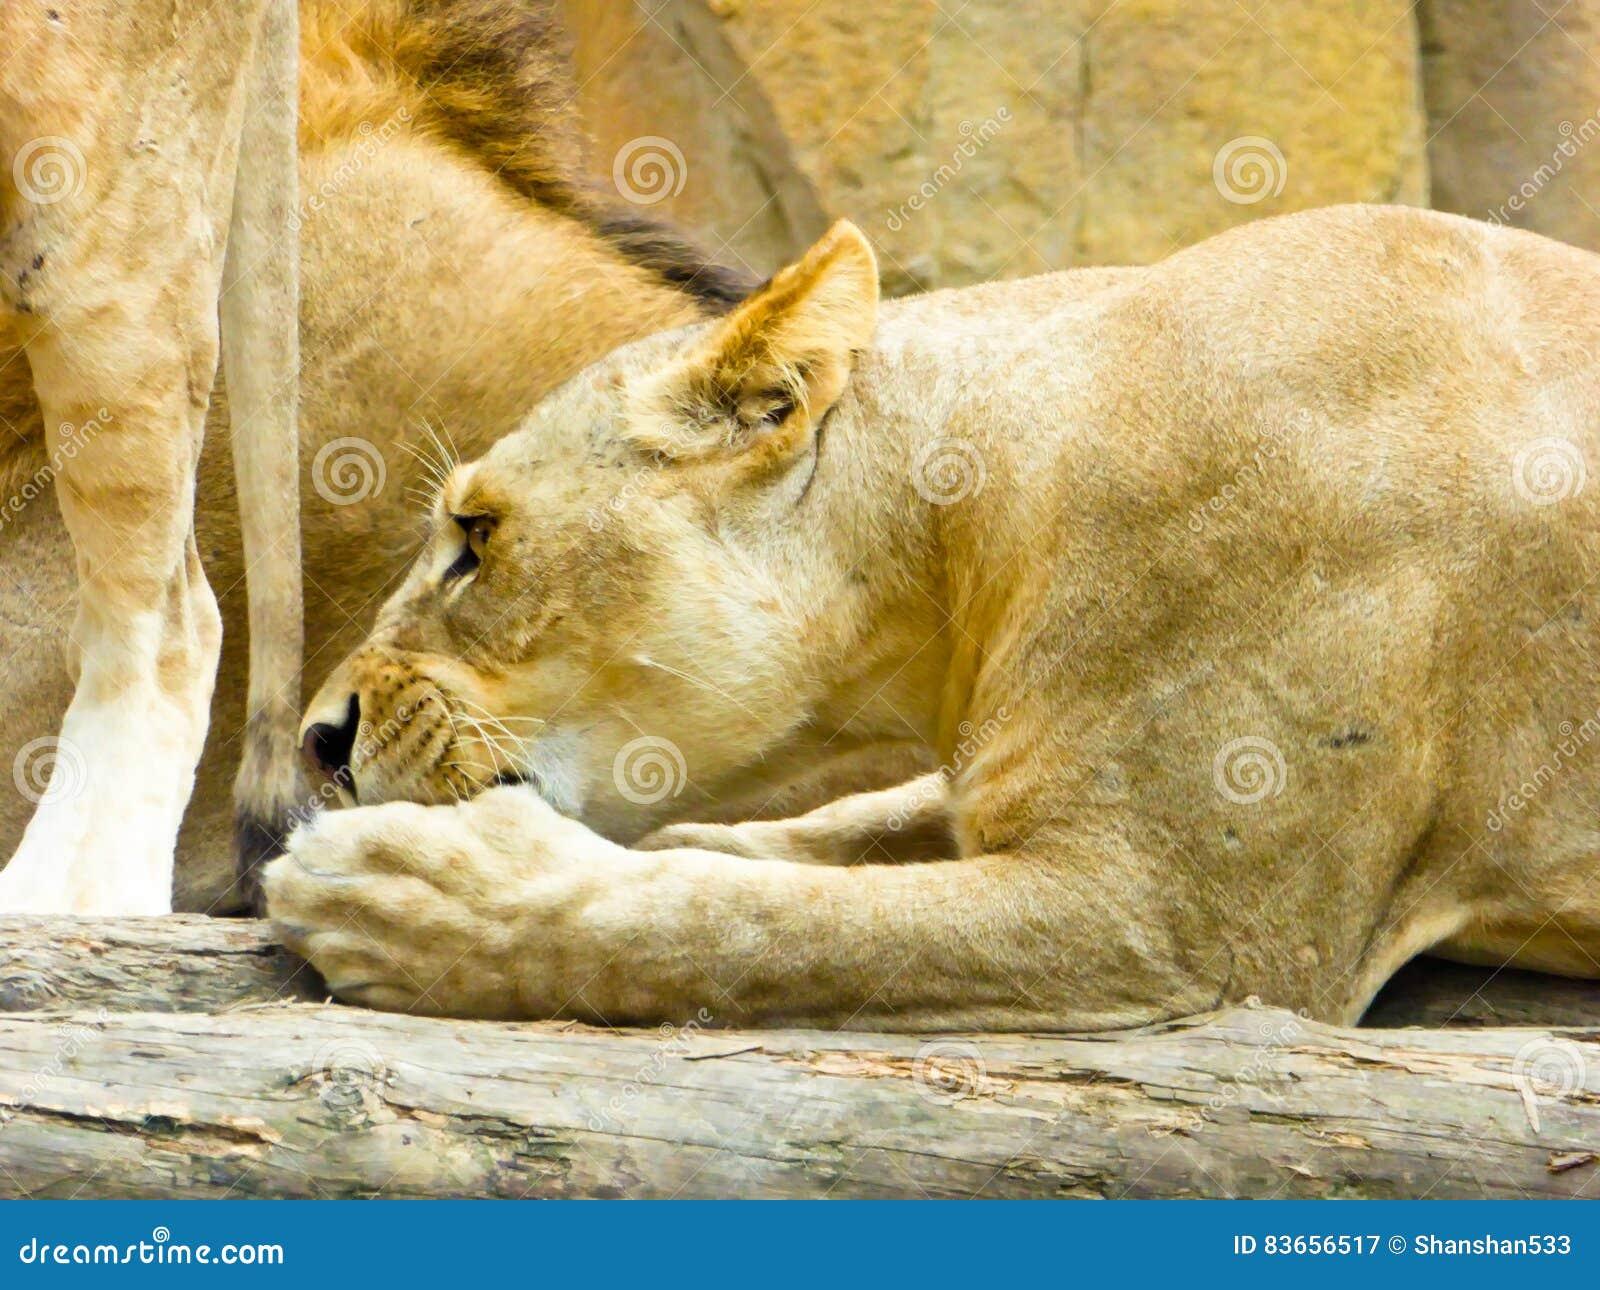 hoe groot is een leeuwen lul striptease Porn Tube